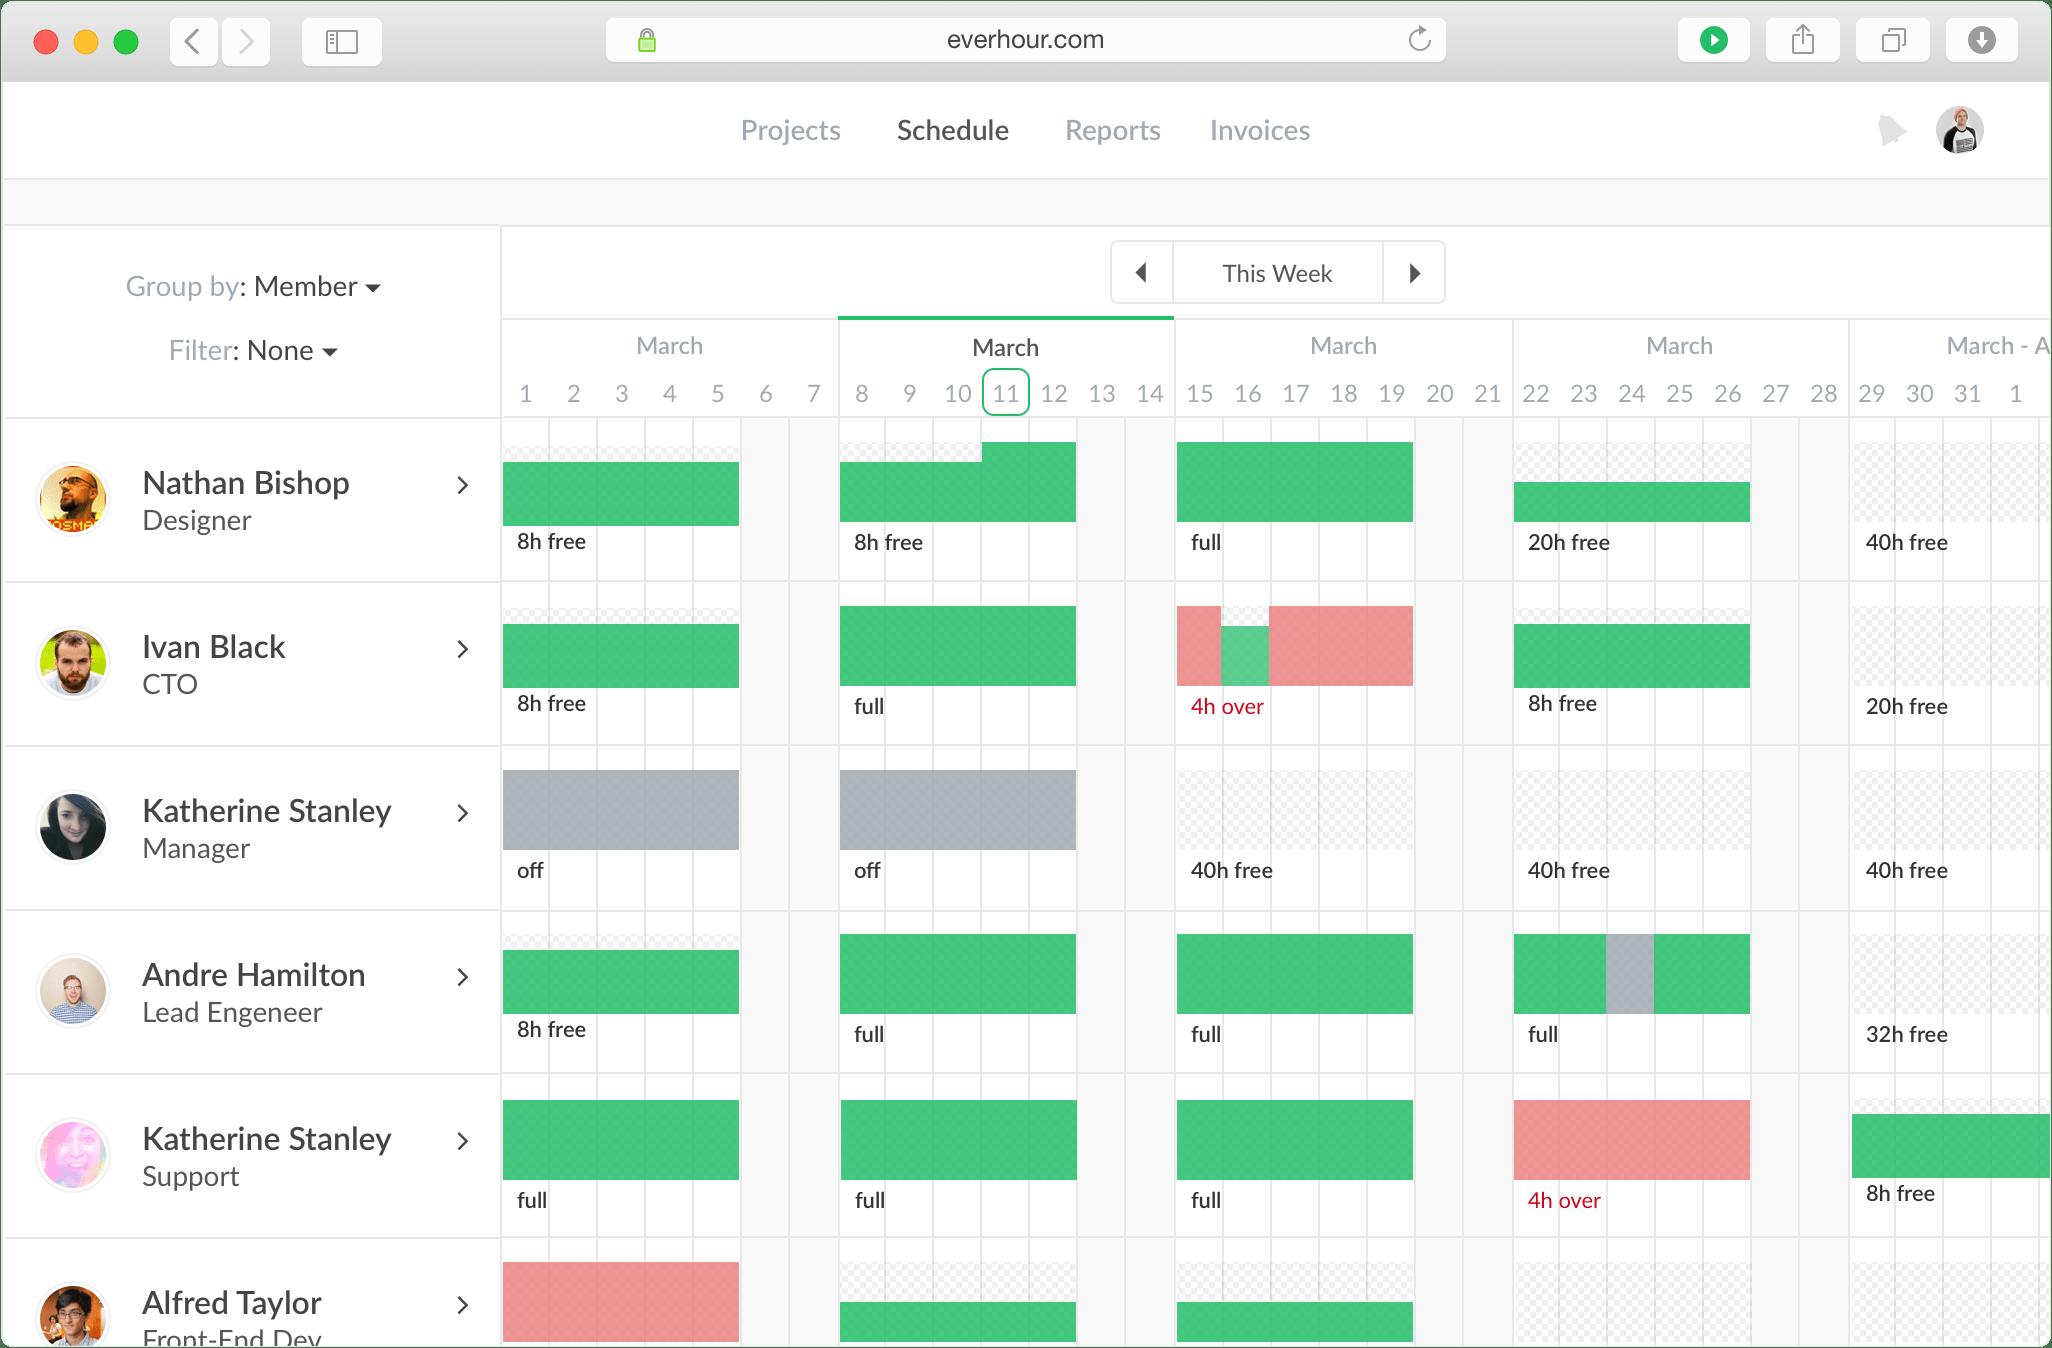 Everhour scheduler